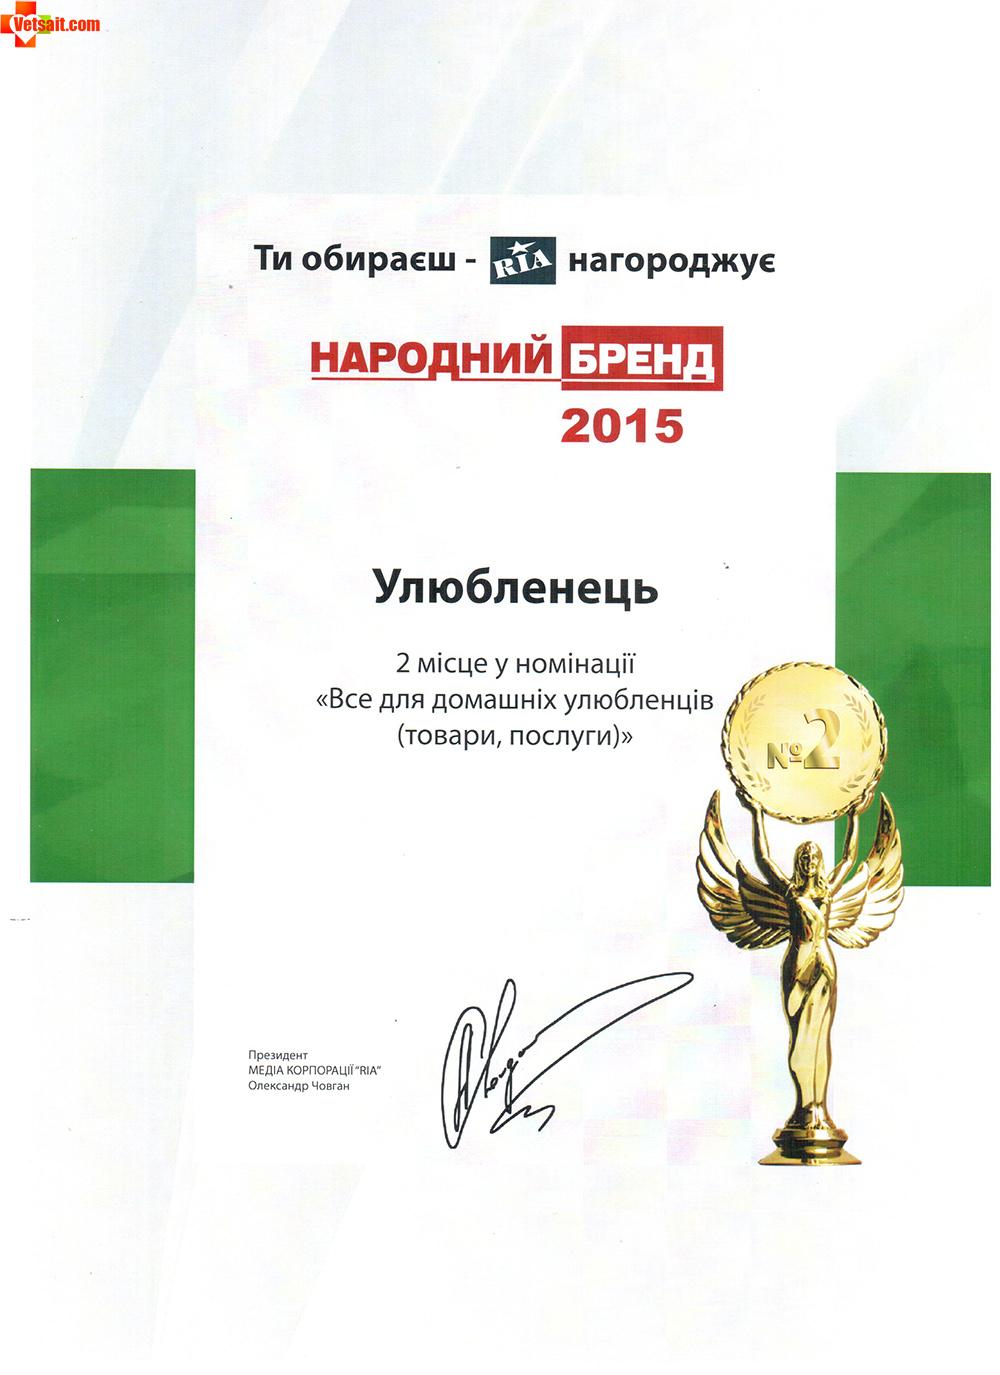 """Диплом победителя """"Народный бренд 2015"""" - ветклиника """"Любимец"""""""